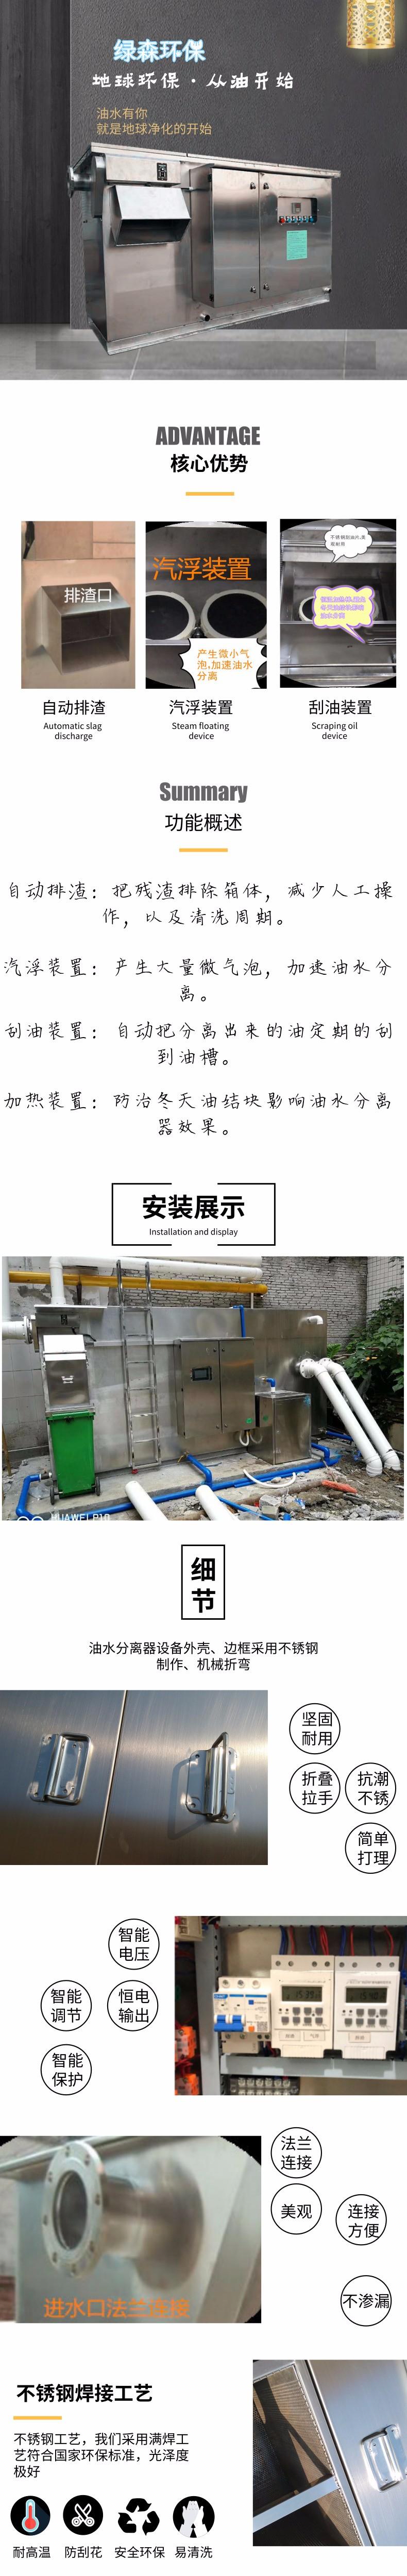 自动除渣油水分离器.jpeg